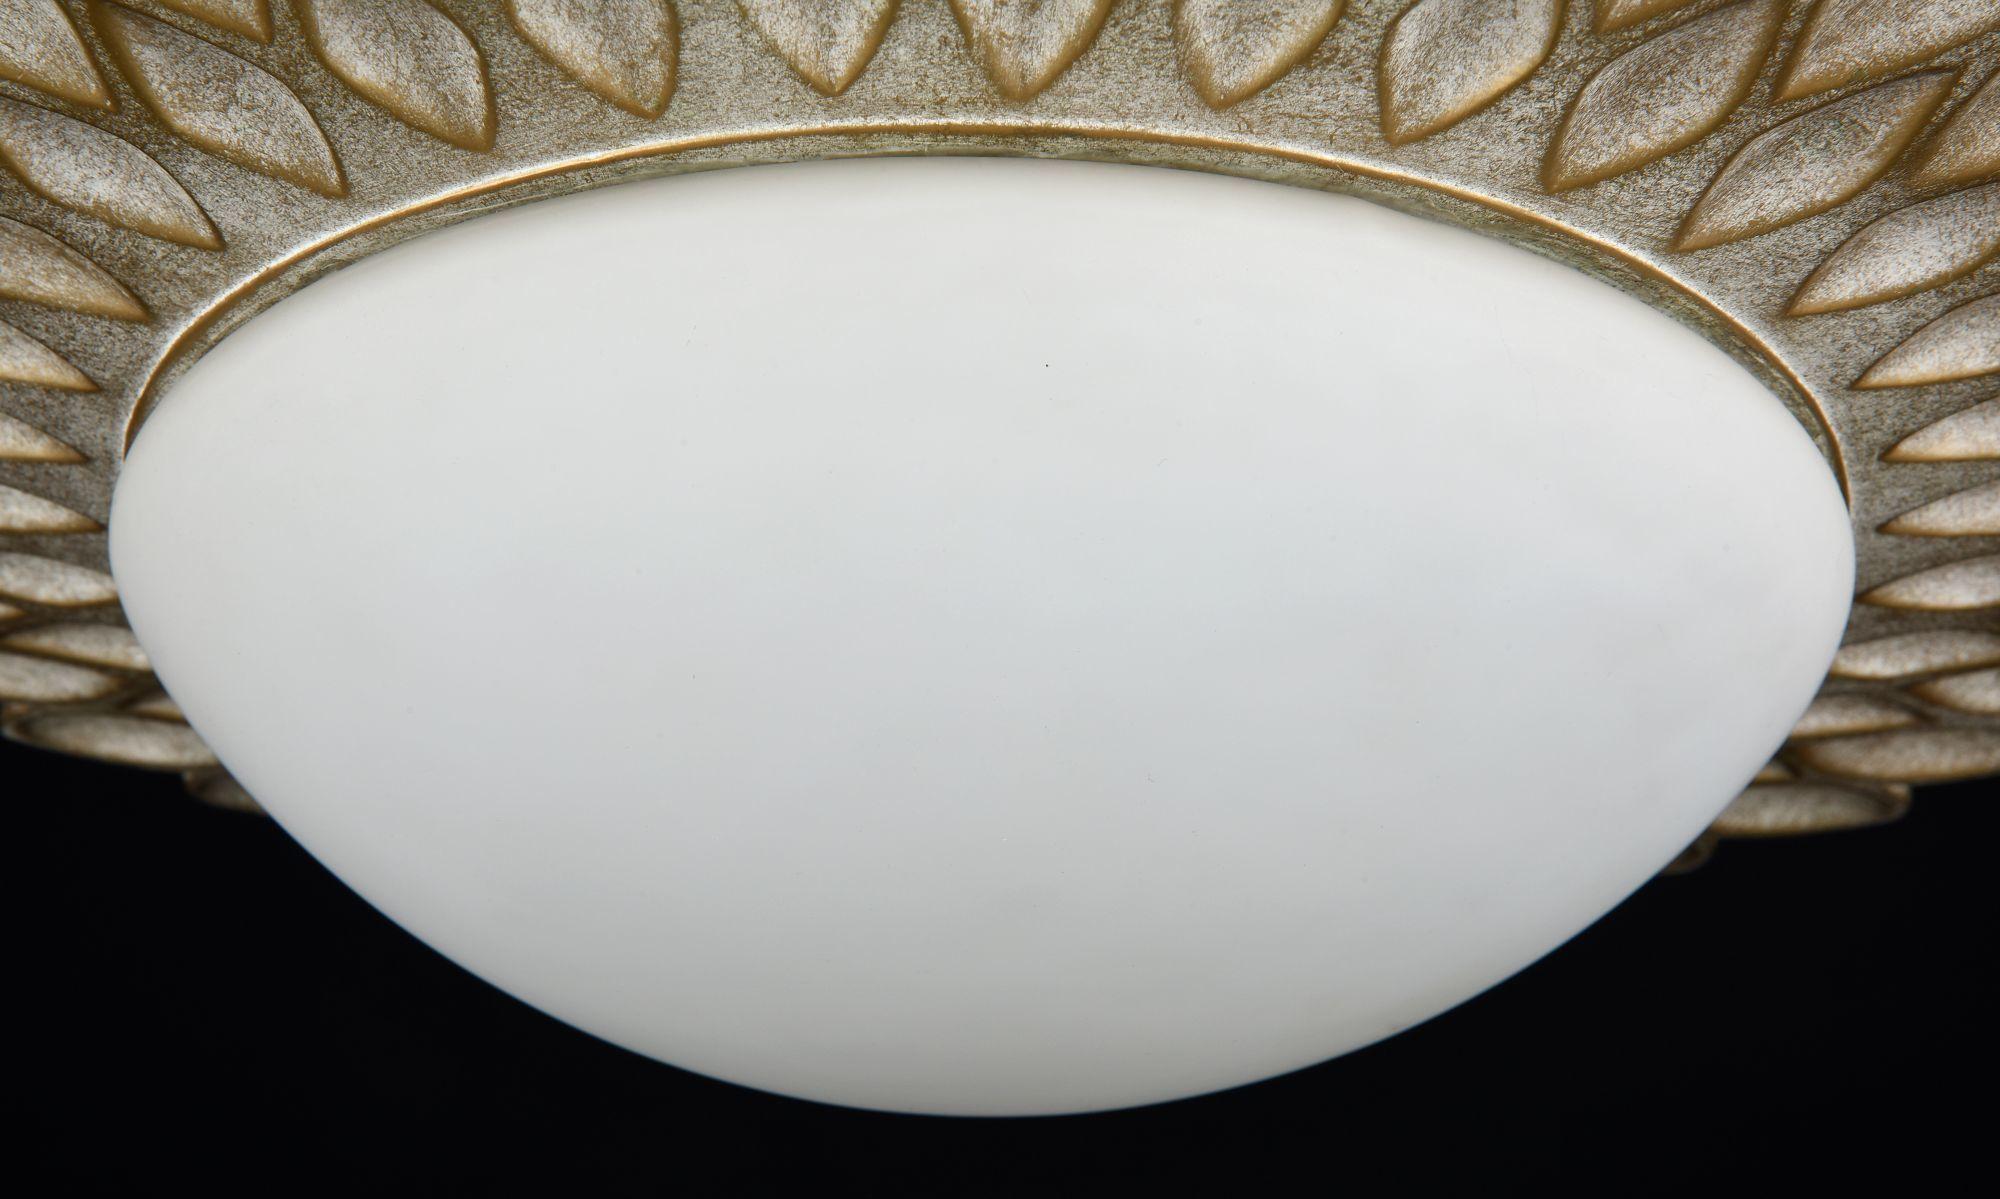 Потолочный светильник Maytoni Lamar H301-03-G, 3xE14x40W, бежевый, белый, металл, стекло - фото 8